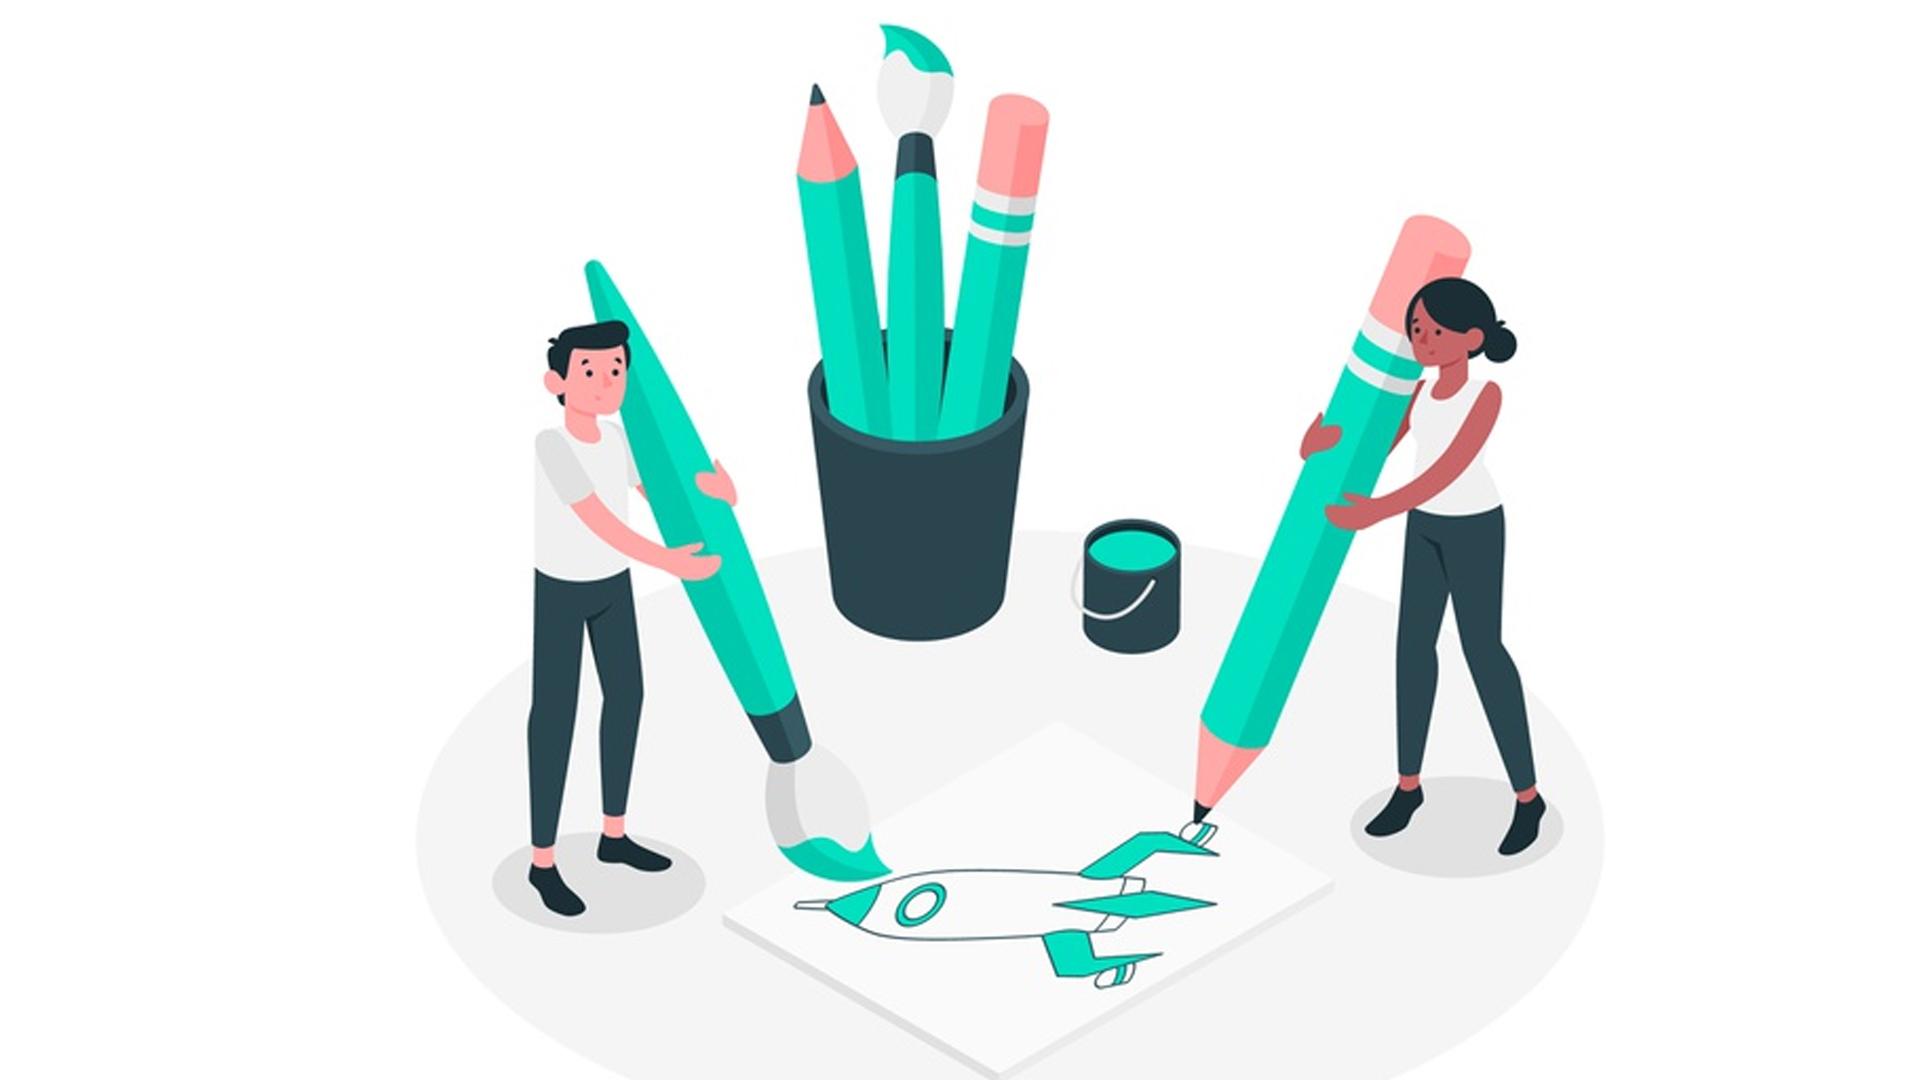 Cómo crear ilustraciones para utilizar en blogs y sitios Web